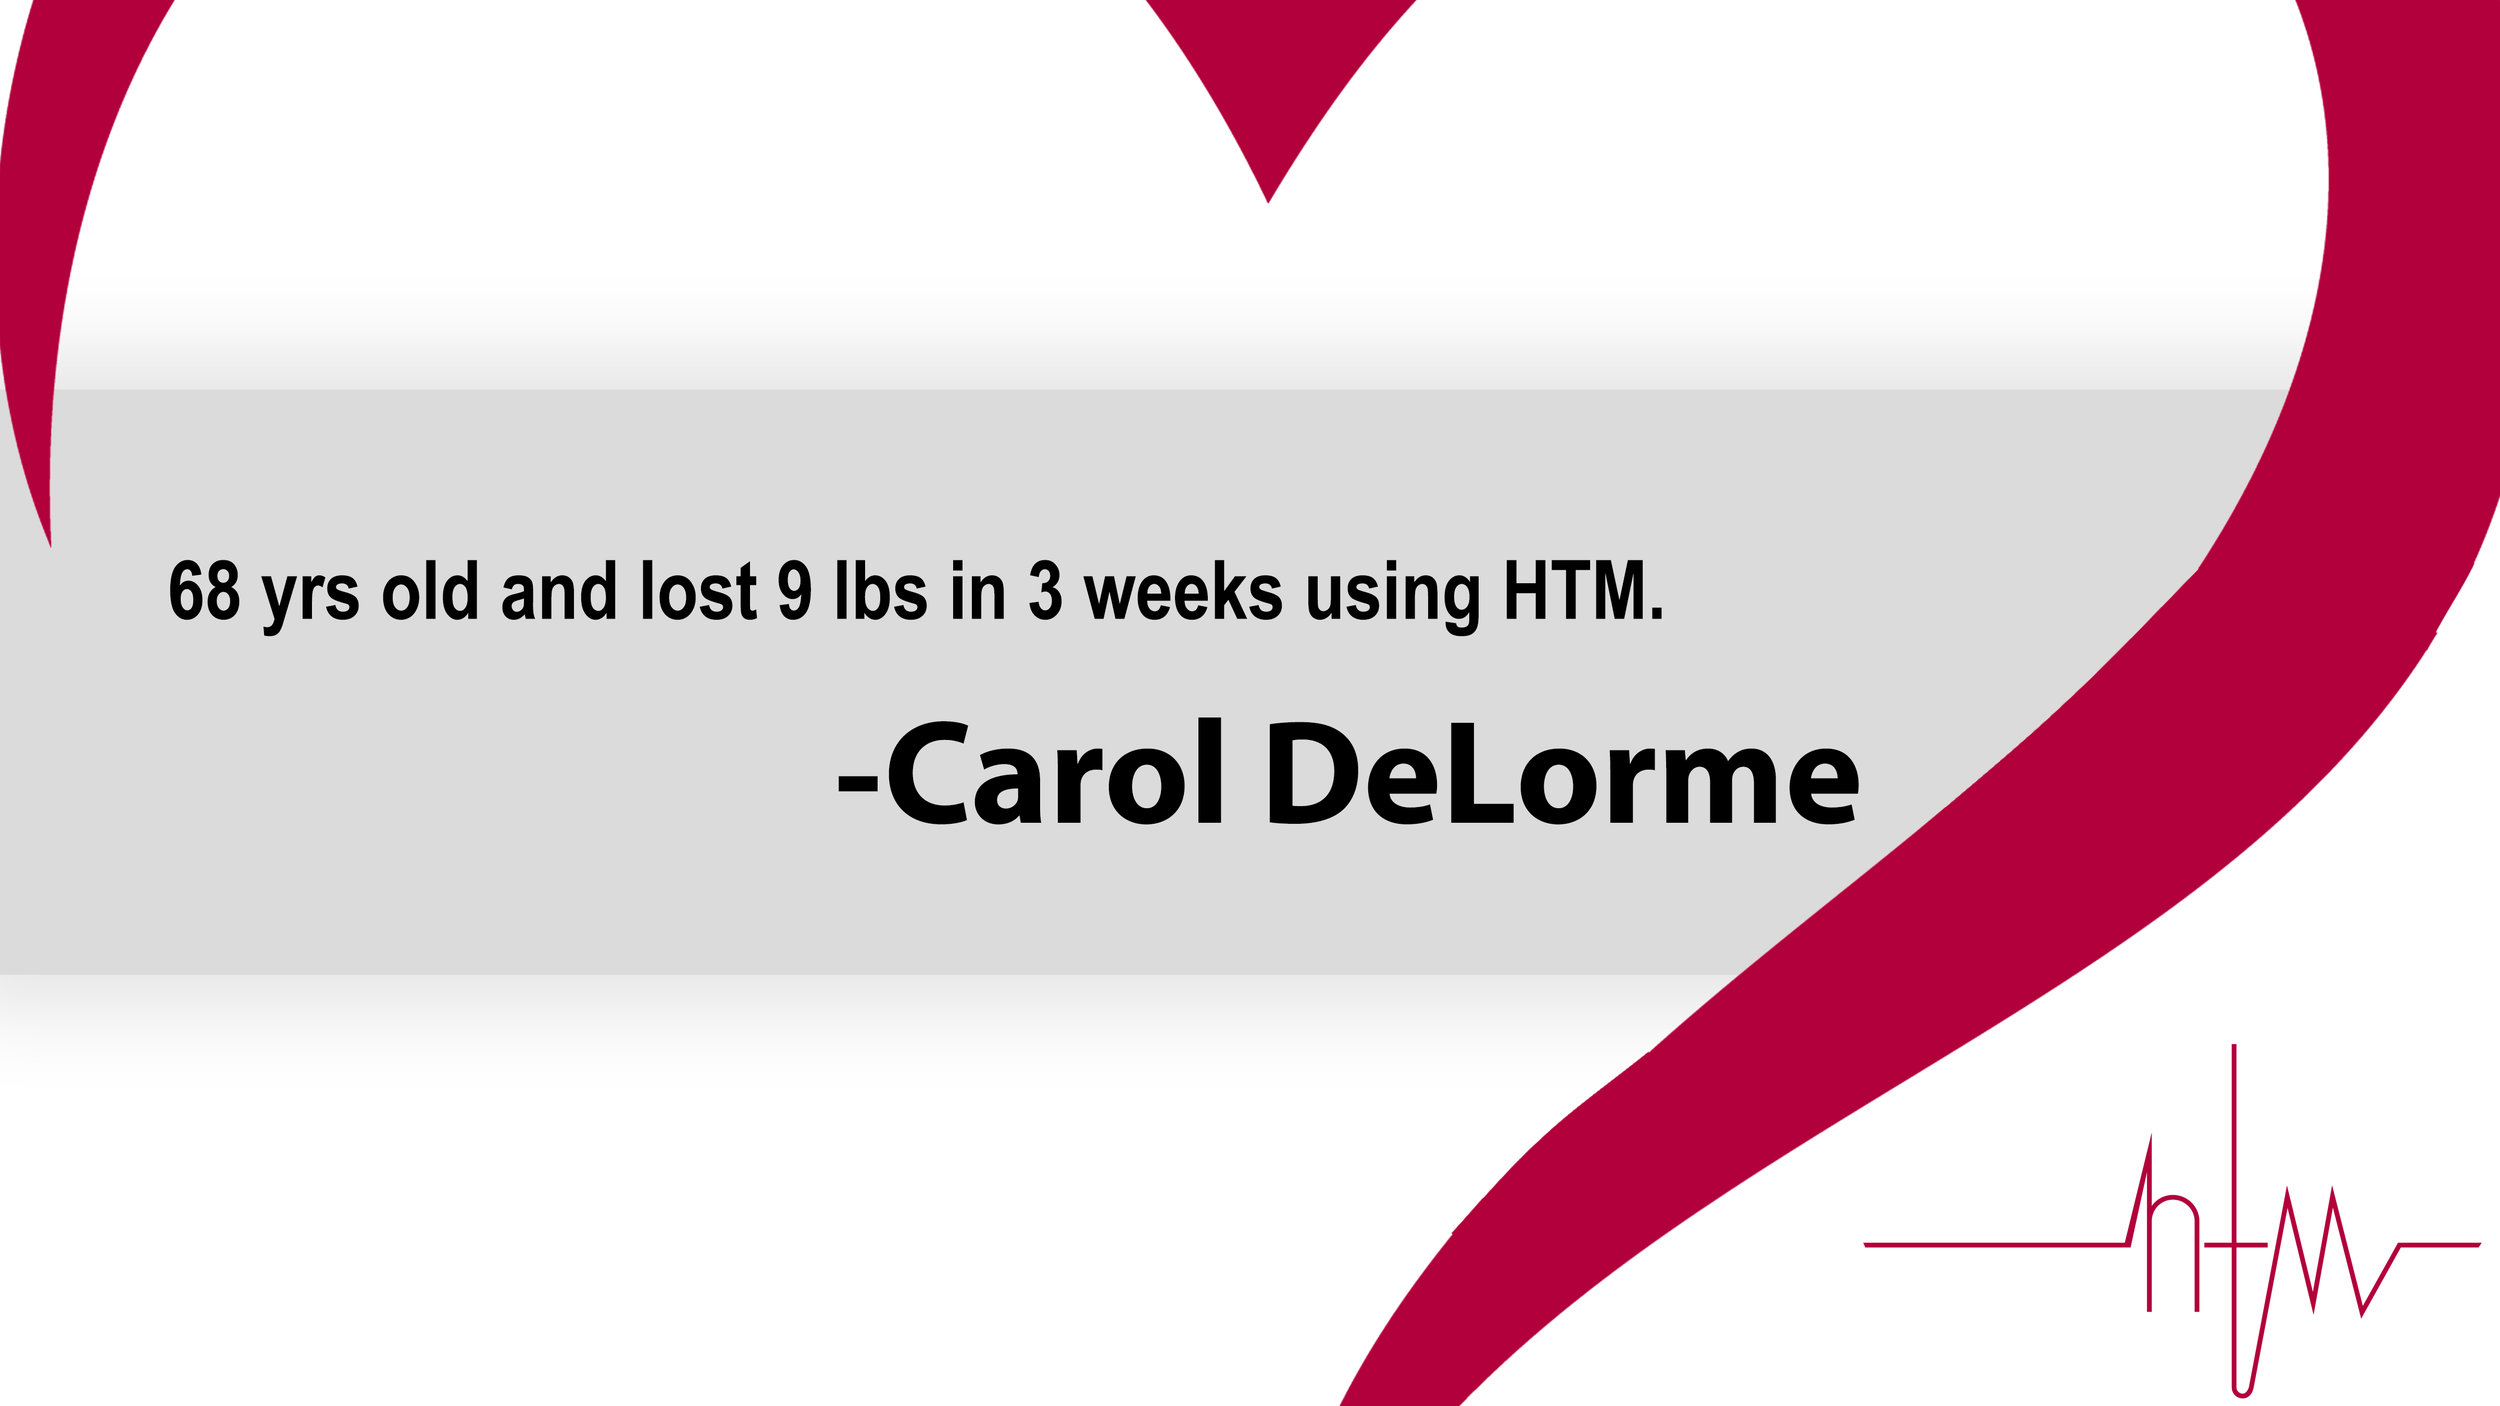 Carol_DeLorme_Testimony.jpg